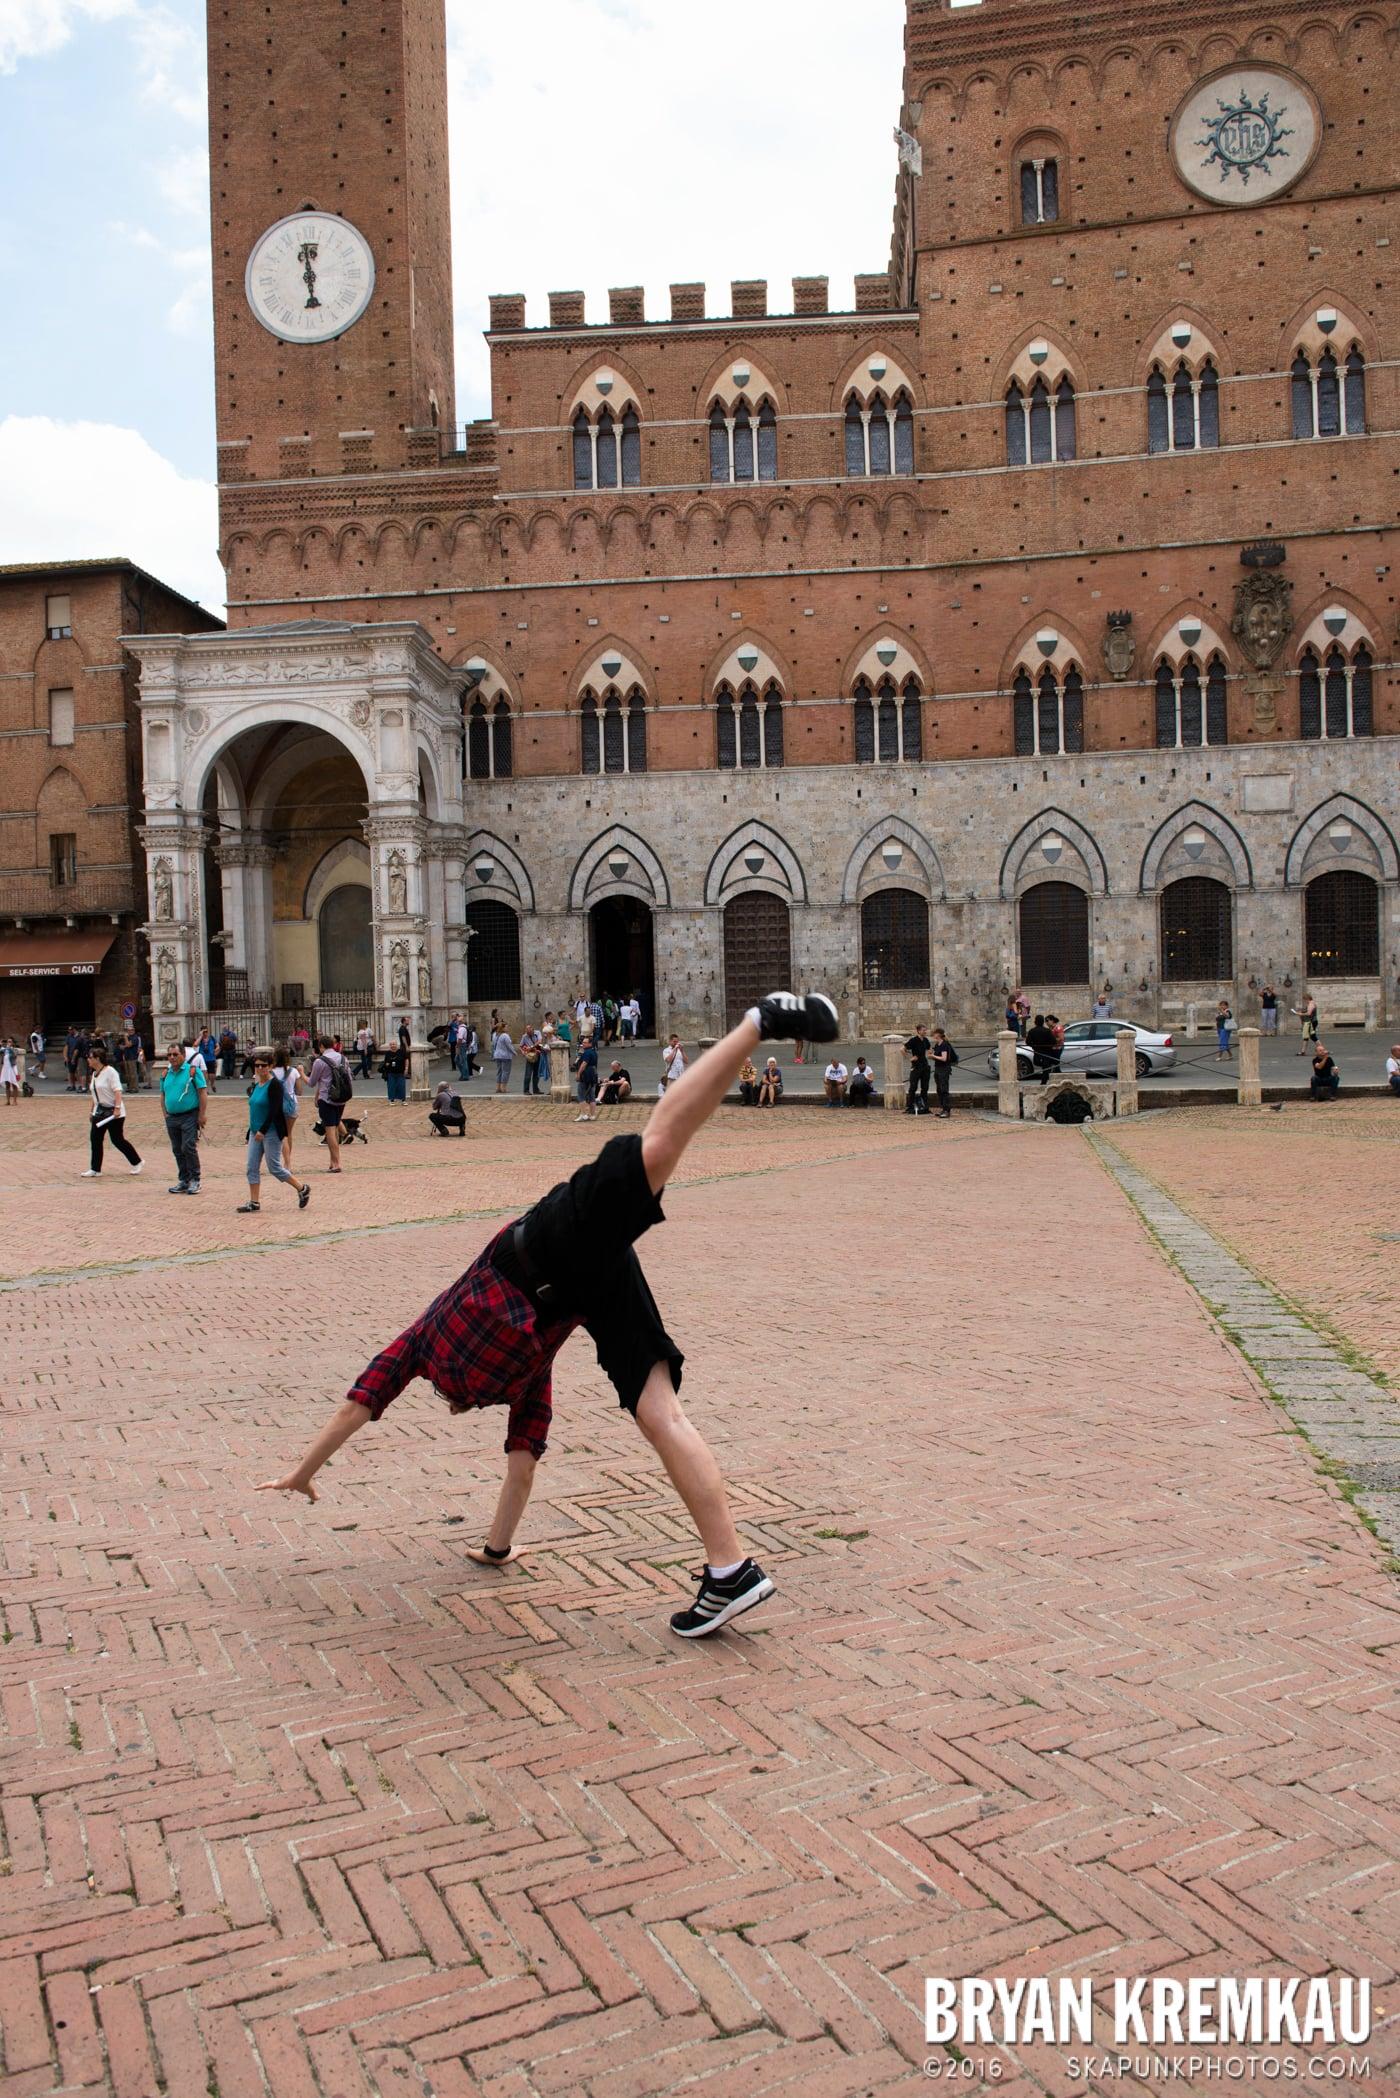 Italy Vacation - Day 8: Siena, San Gimignano, Chianti, Pisa - 9.16.13 (115)